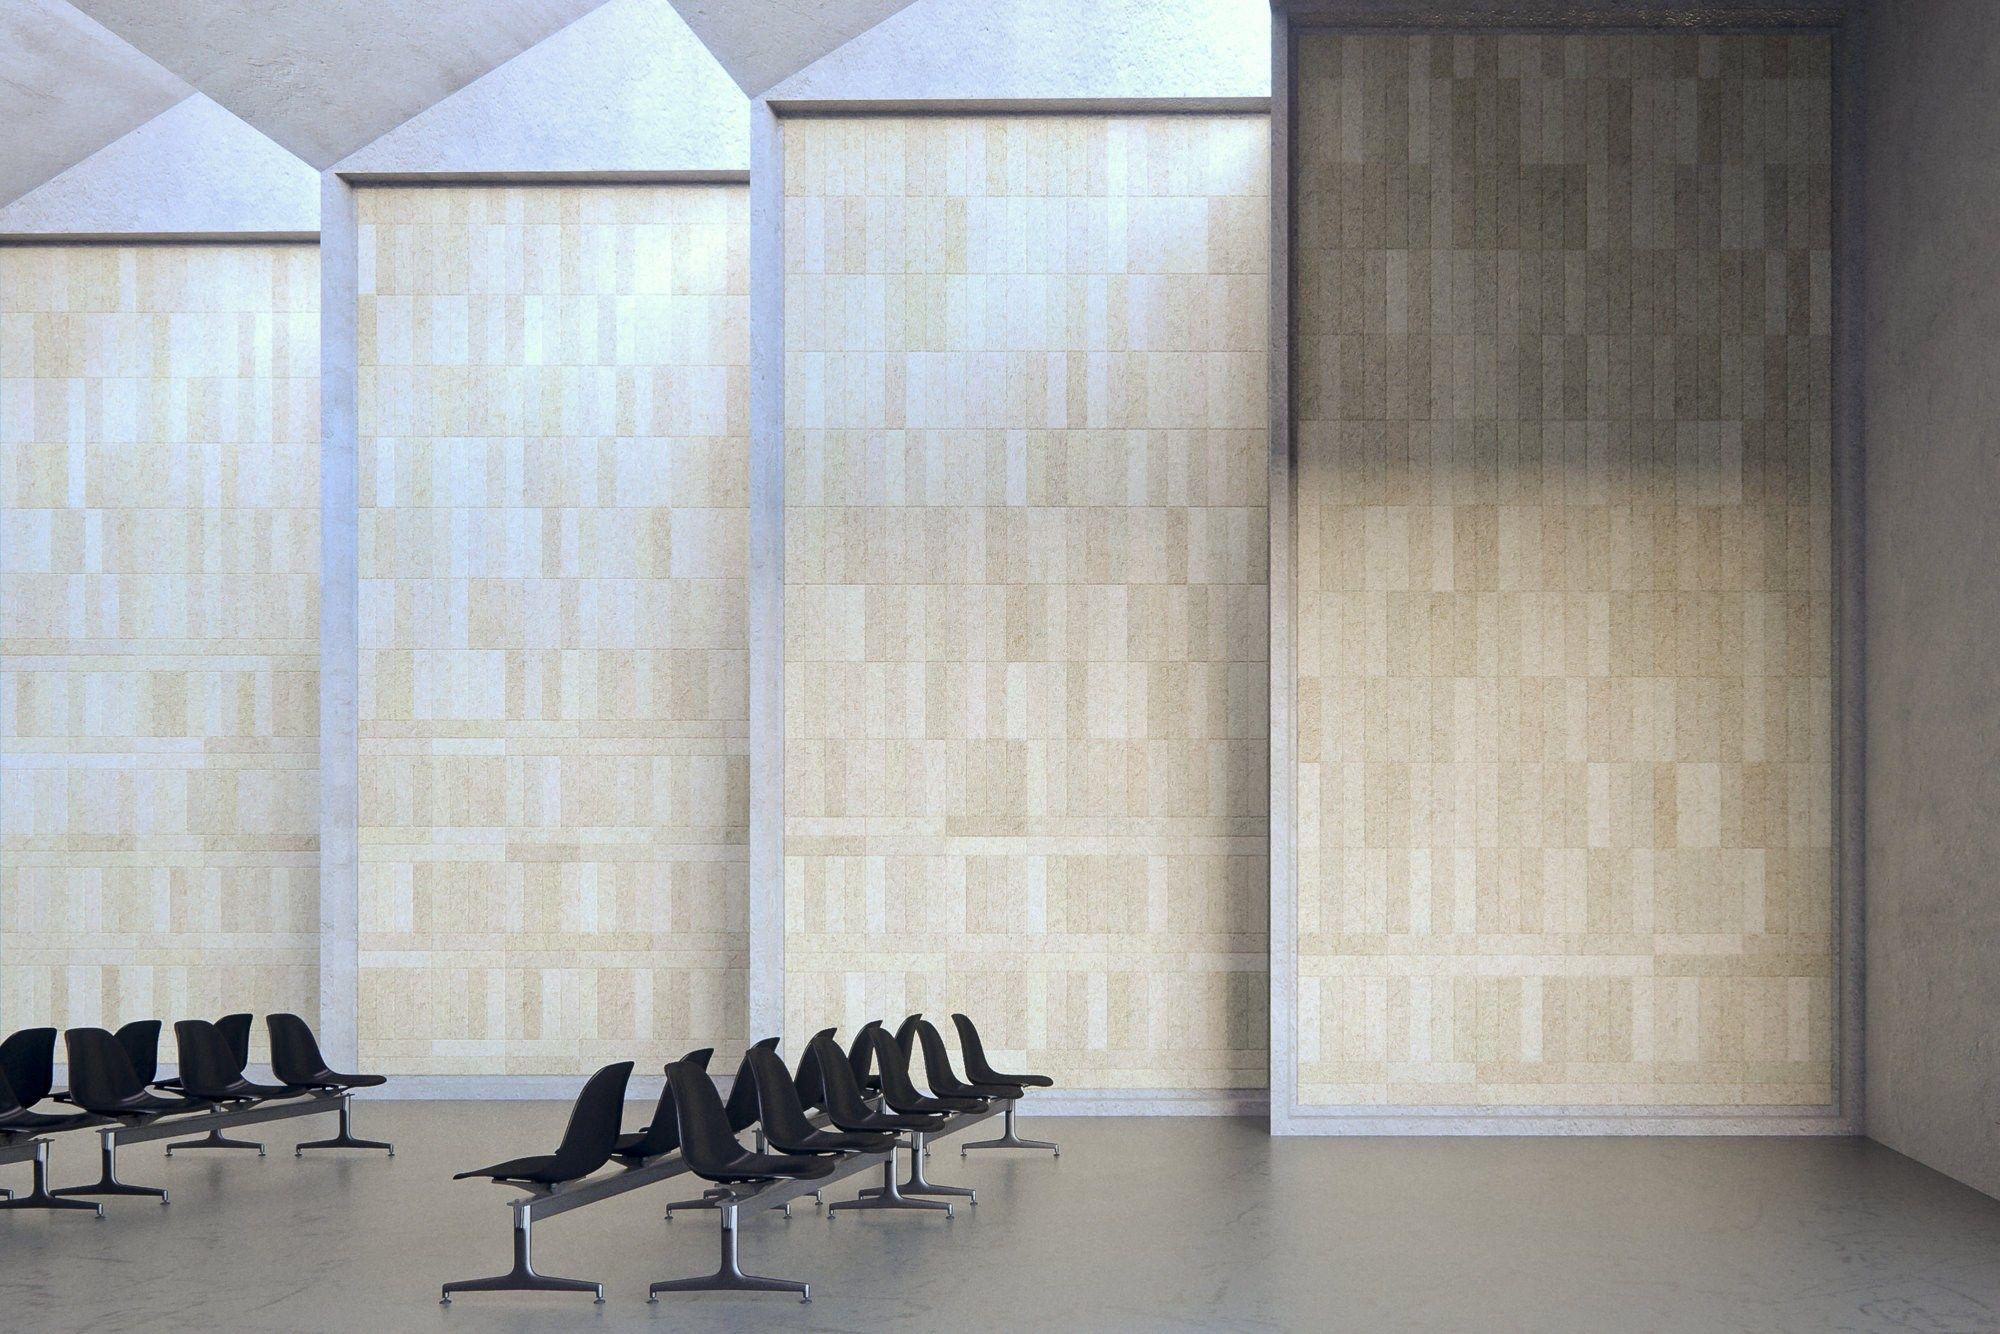 Decorative acoustical panel baux acoustic tile plank by baux design form us with love - Decorative acoustical wall panels ...